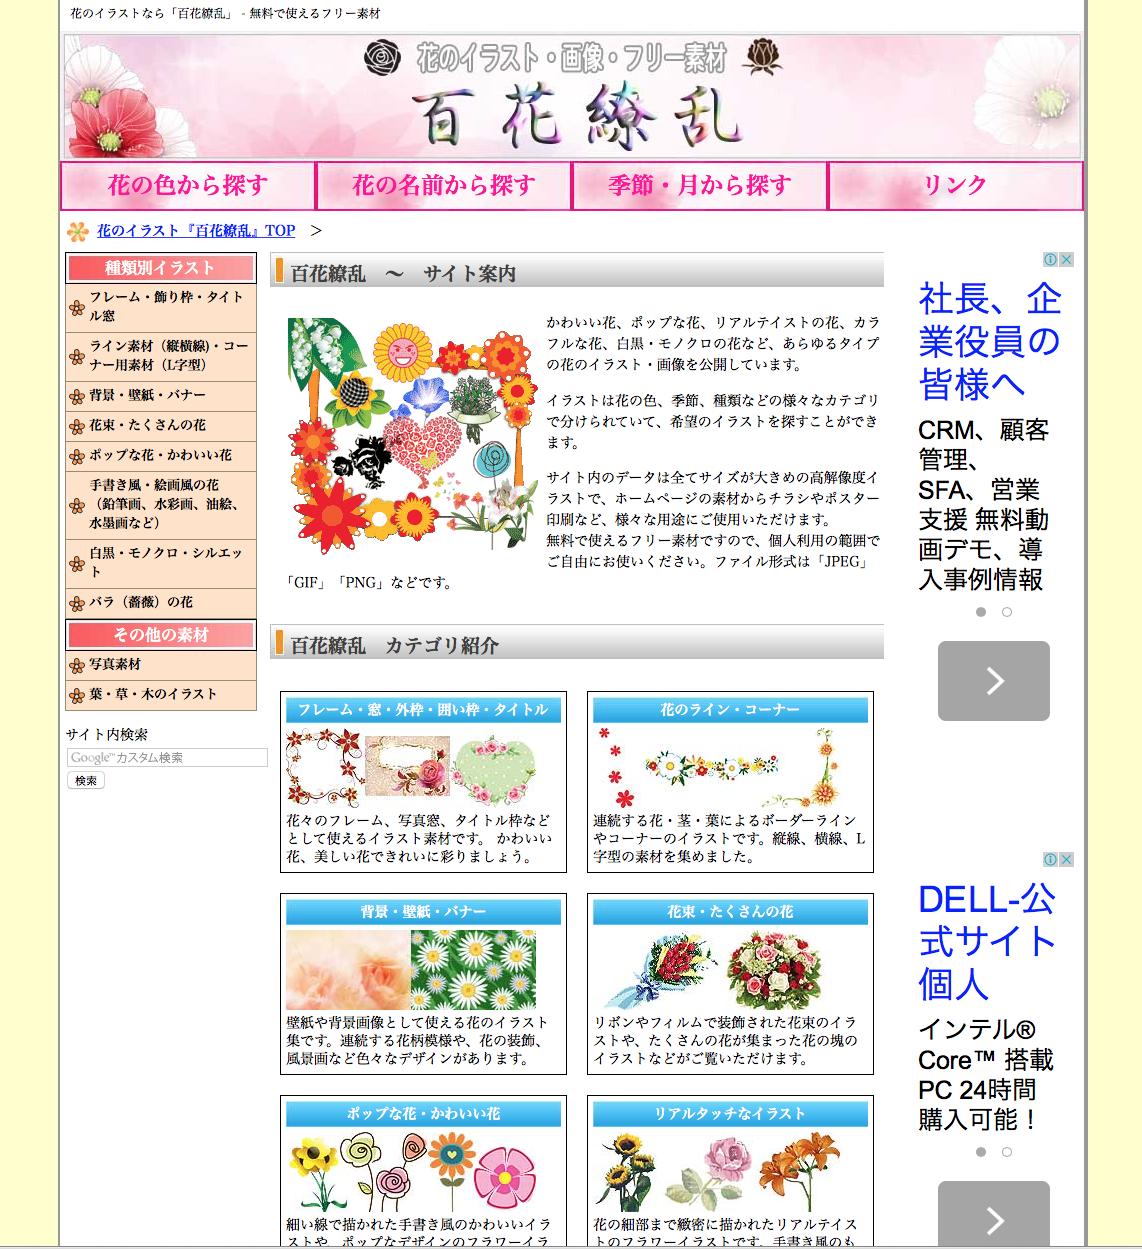 スクリーンショット 2015-02-25 1.20.57